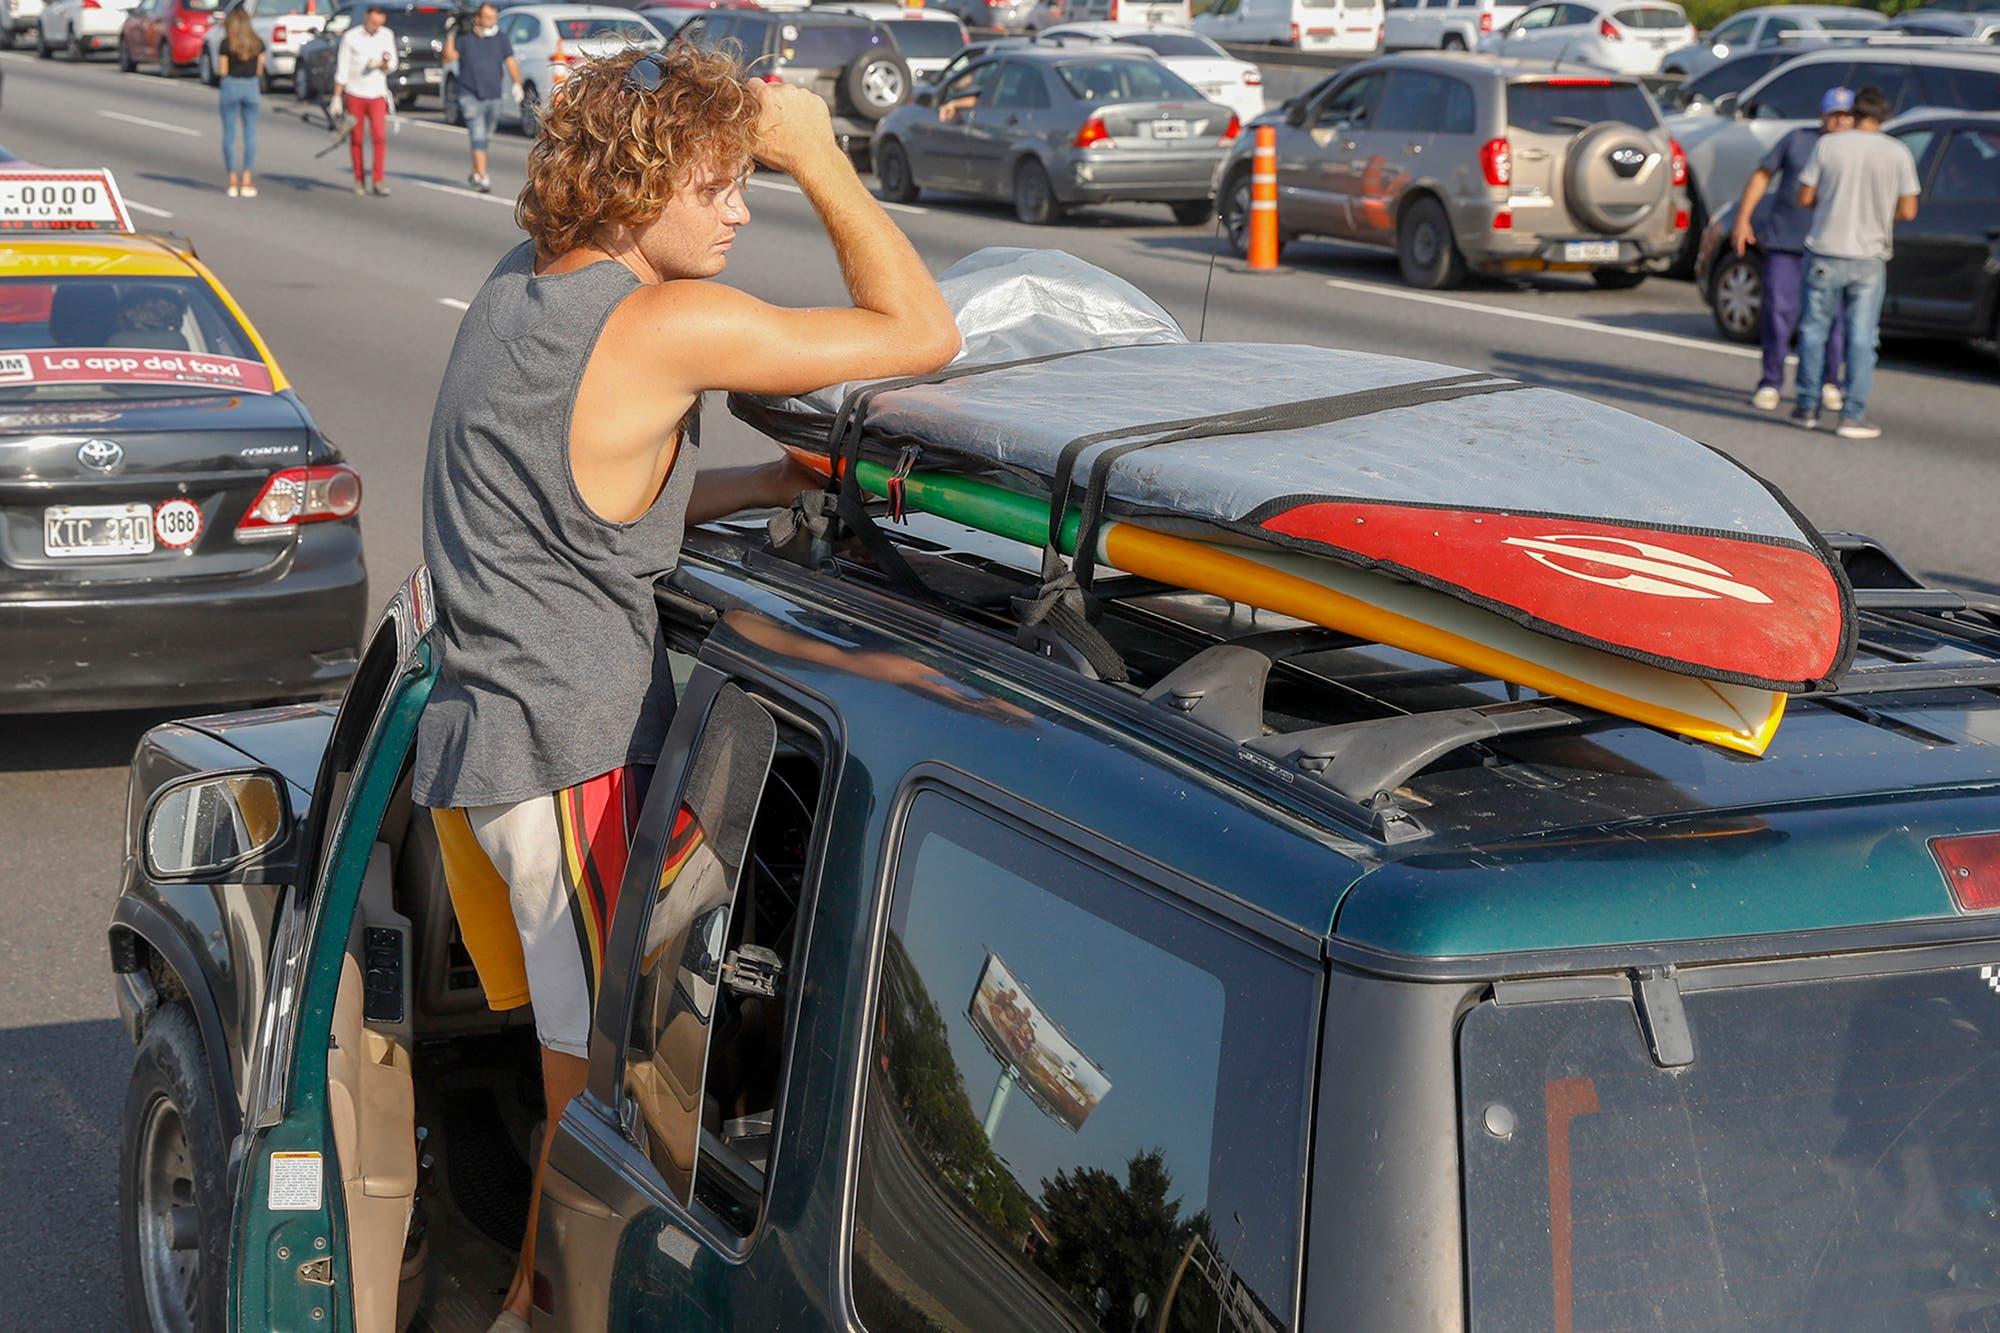 Surfista volviendo de Brasil - OYR